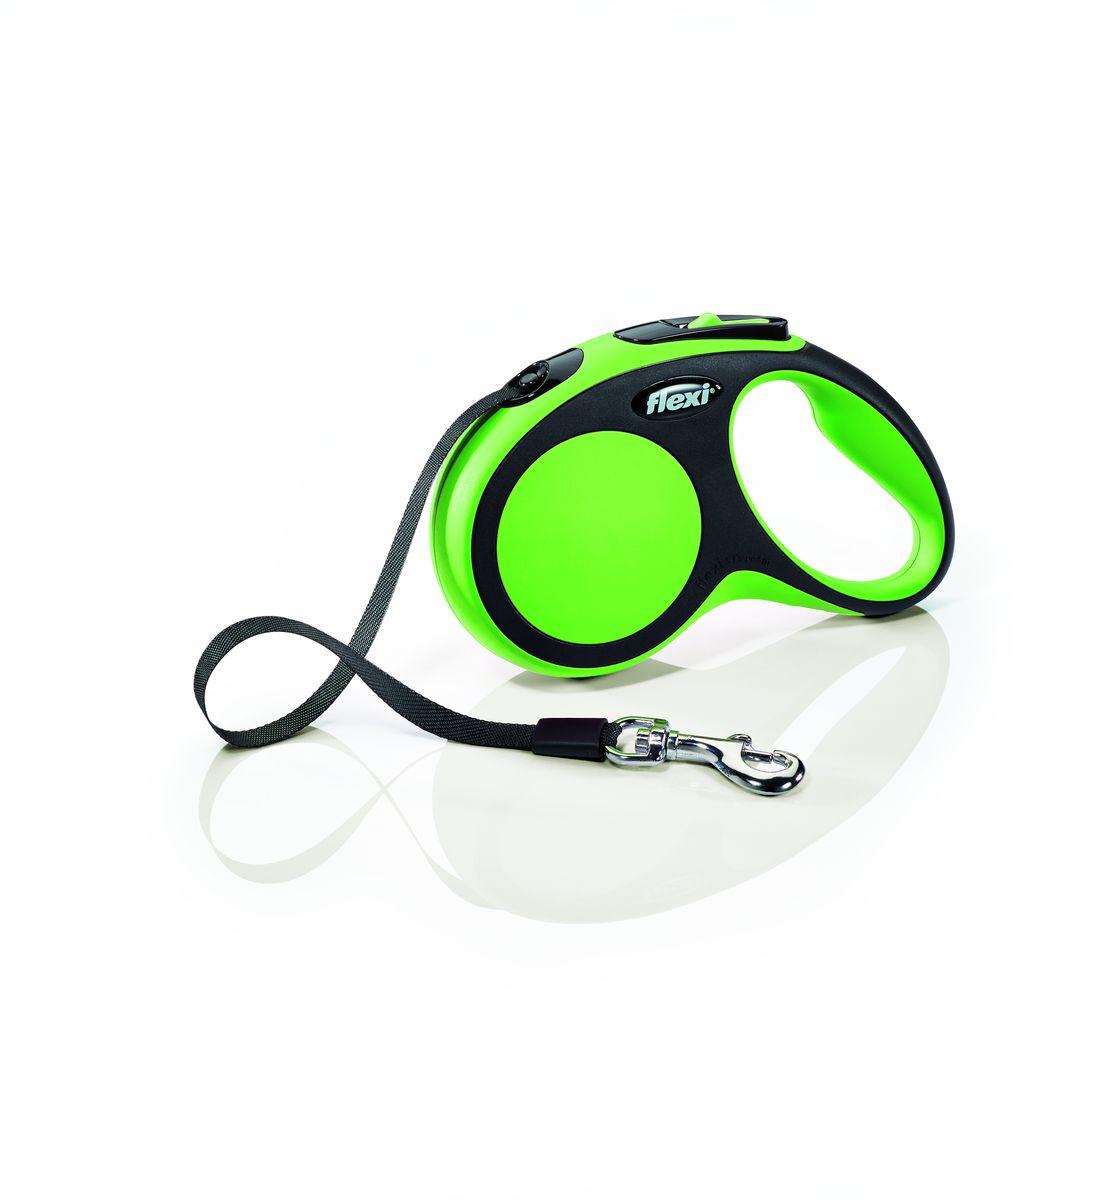 Поводок-рулетка Flexi New Comfort S, лента, для собак весом до 15 кг, цвет: черный, зеленый, 5 м28124Ленточный поводок-рулетка обеспечивает собаке свободу движения, что идет на пользу здоровью и радует Вашего четвероногого друга. Рулетка очень проста в использовании. Оснащена кнопками кратковременной и постоянной фиксации. Рулетку можно оснастить - мультибоксом для лакомств или пакетиков для сбора фекалий, LED подсветкой корпуса.Прочный корпус, хромированная застежка и светоотражающие элементы.Лента поводка автоматически сматывается и поводок в процессе использования не провисает, не касается грунта и таким образом не пачкается и не перетирается. Поводок не нужно подбирать руками когда питомец подошел ближе, таким образом Ваши руки всегда чистые. Максимальный вес питомца: 15 кг.Длина: 5 м